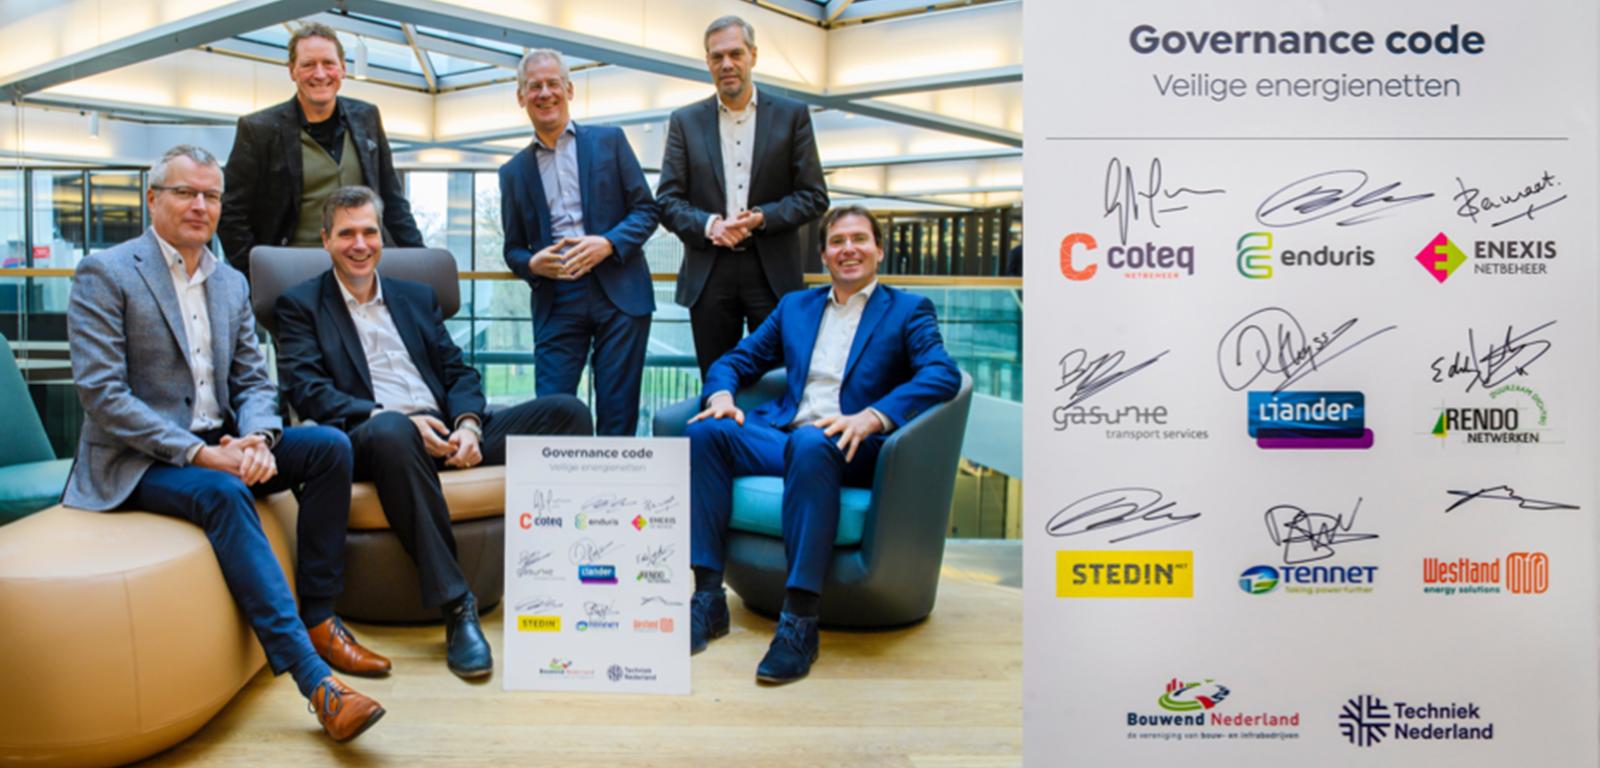 CEO's netbeheerders ondertekenen Governance Code Veilige Energienetten